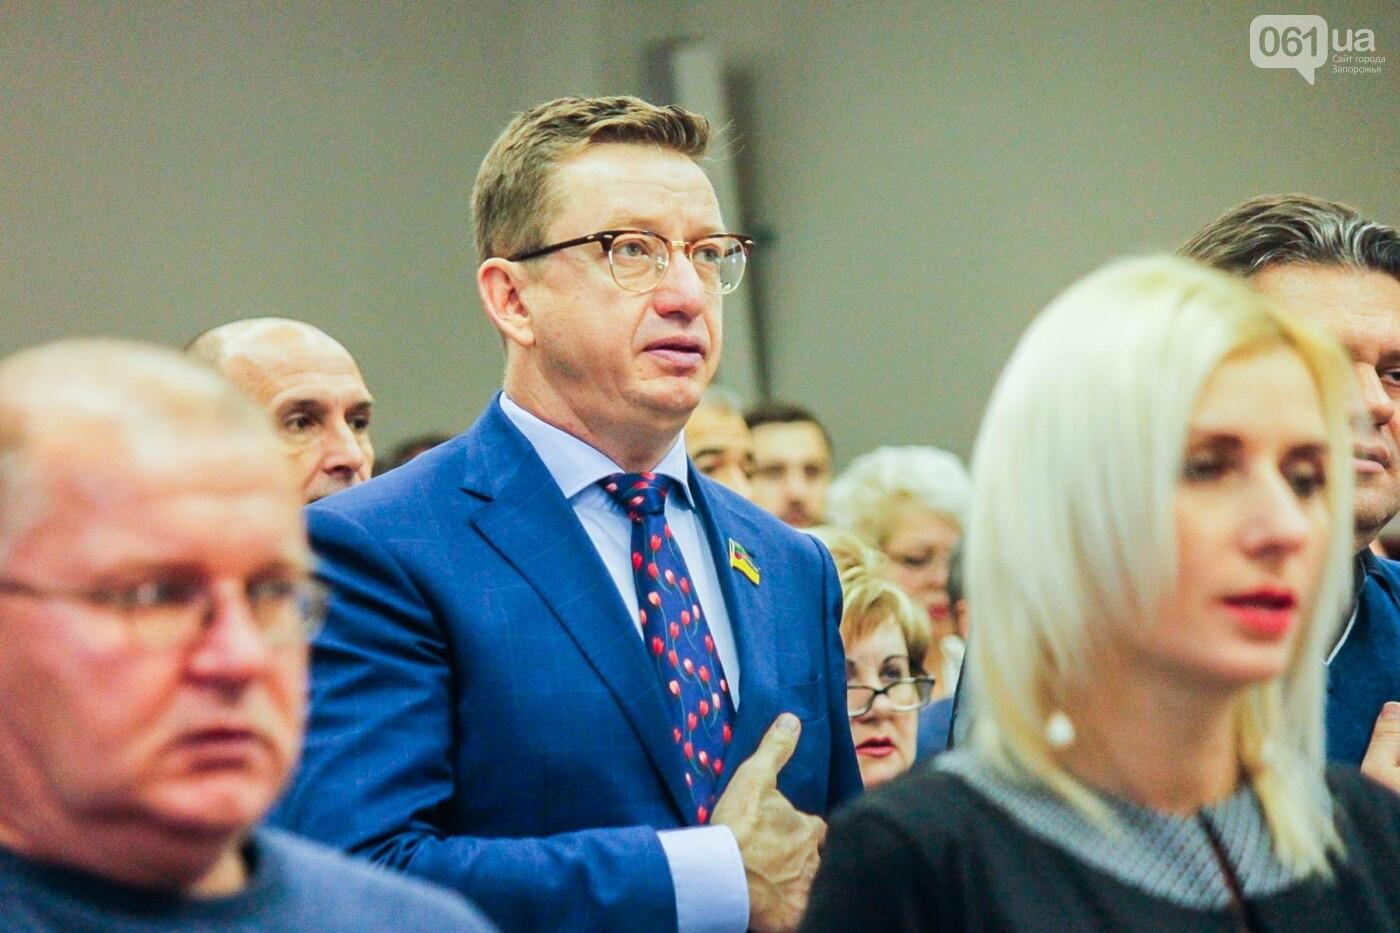 Сессия запорожского горсовета в лицах, - ФОТОРЕПОРТАЖ, фото-26